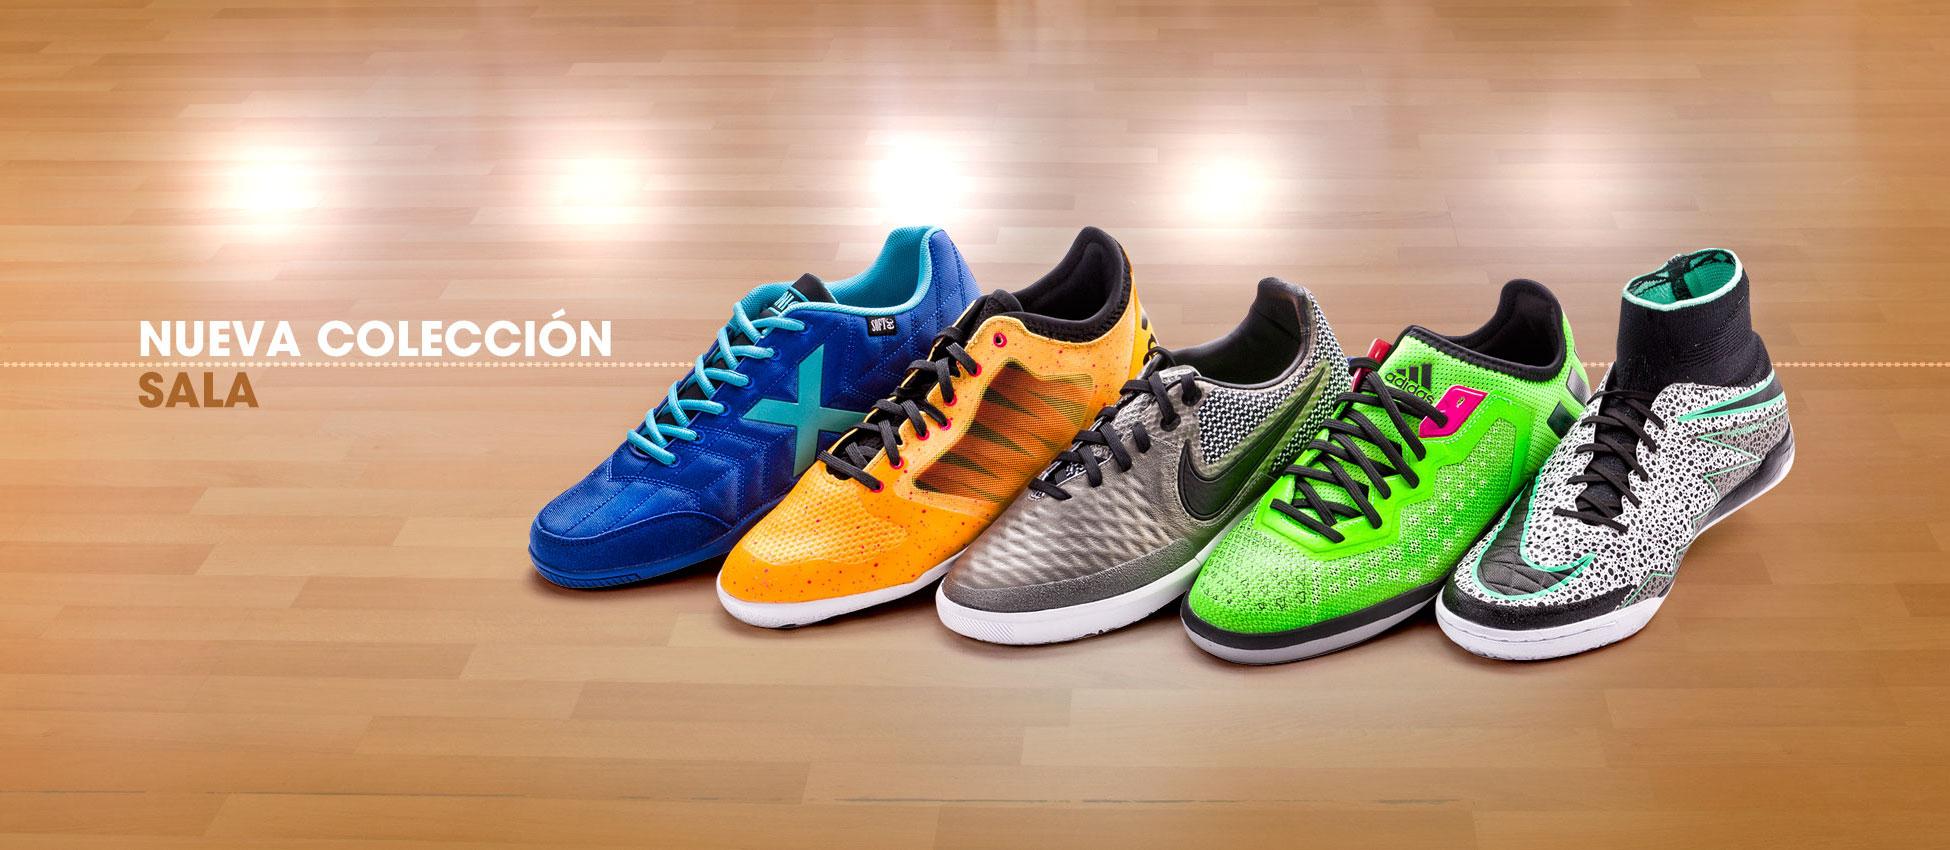 Nueva Colección Futsal 2016